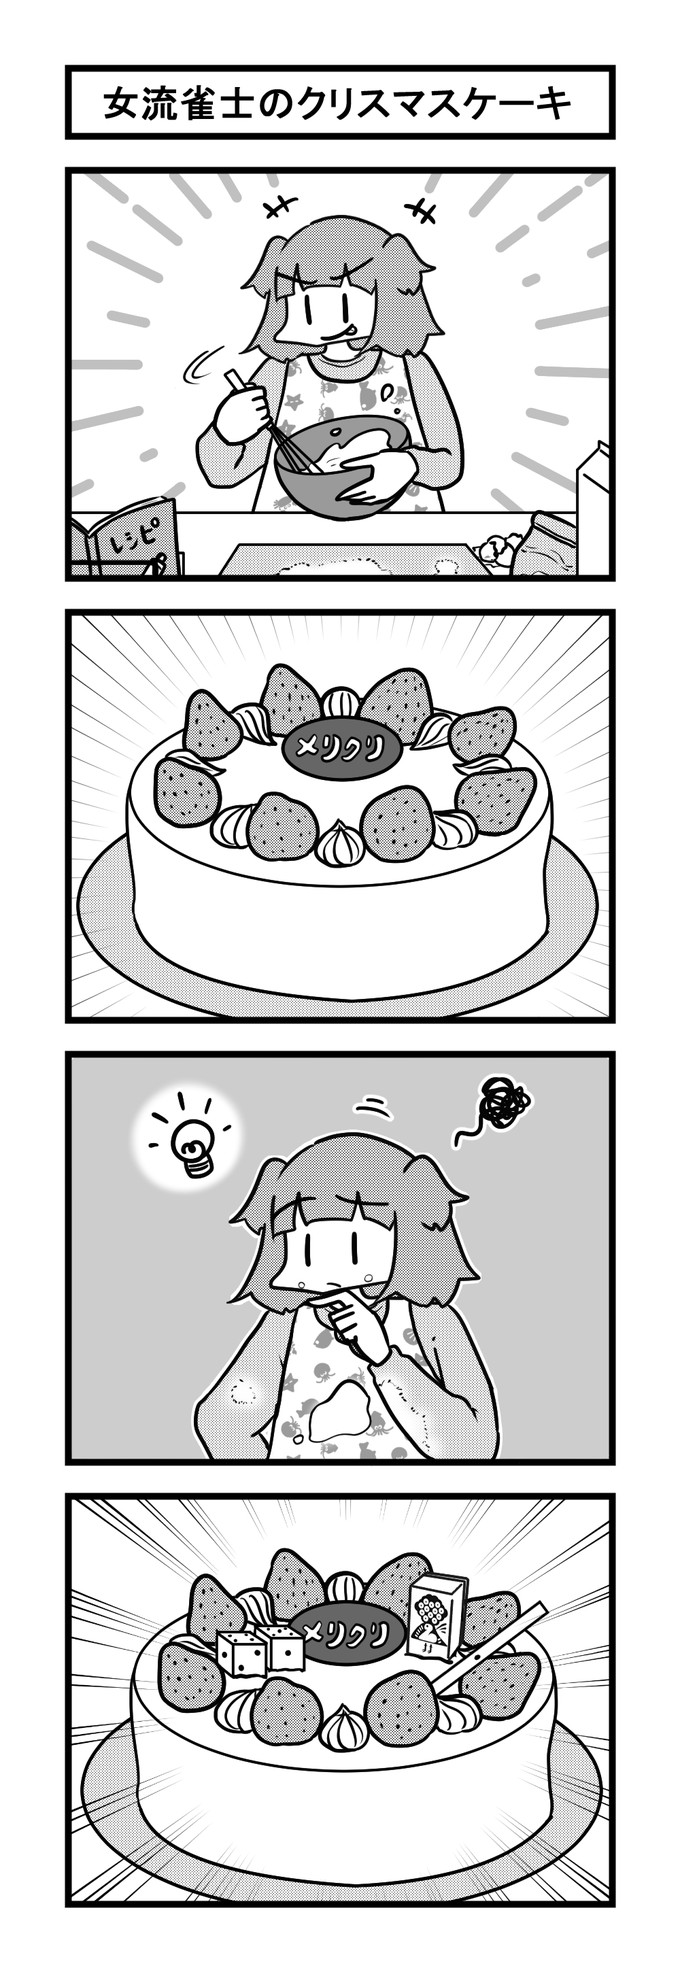 964女流雀士のクリスマスケーキ-min